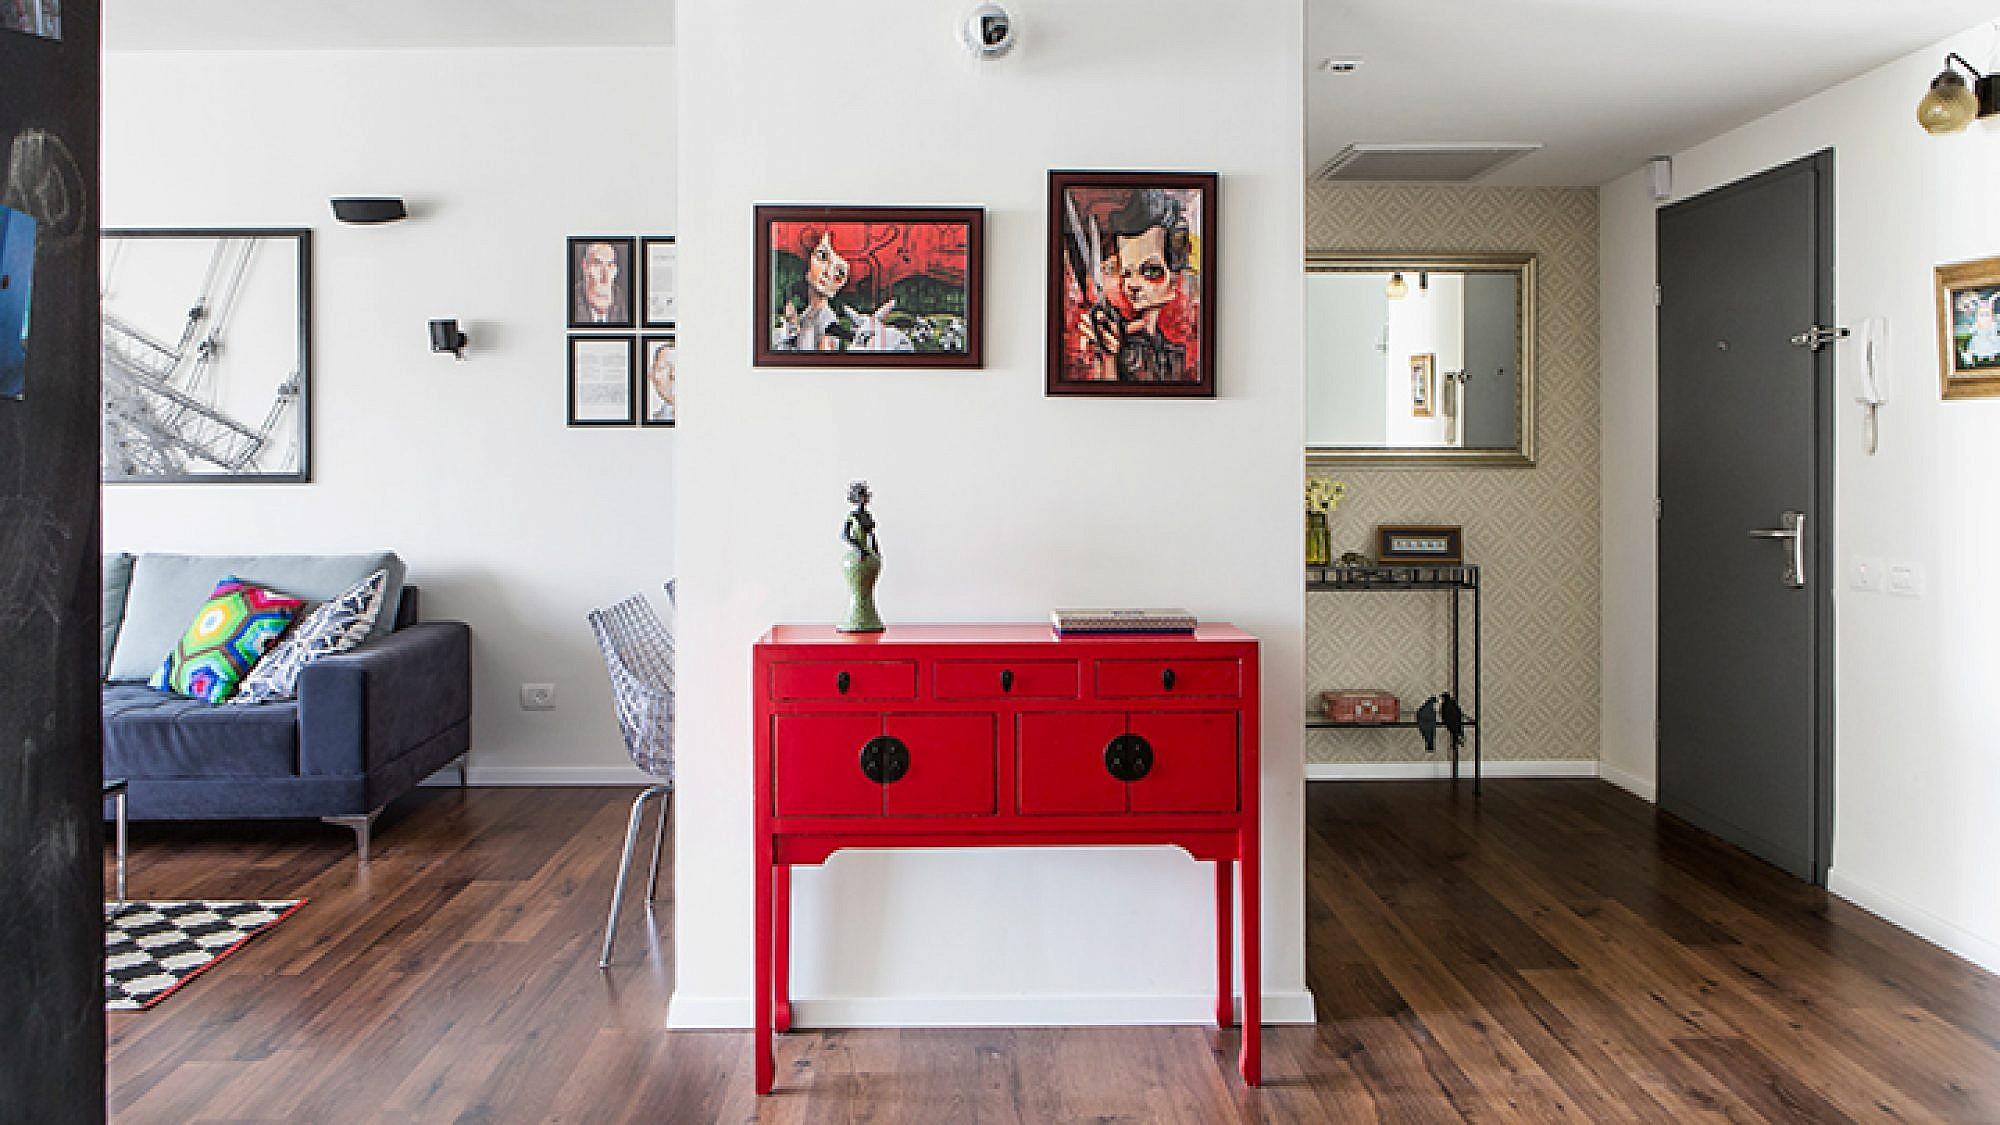 מבט לעבר הסלון והכניסה. השידה האדומה נרכשה בשוק הפשפשים. מאחורי השידה מימין ארון אחסון גדול, משמאל פינת העבודה | צילום: איתי בנית